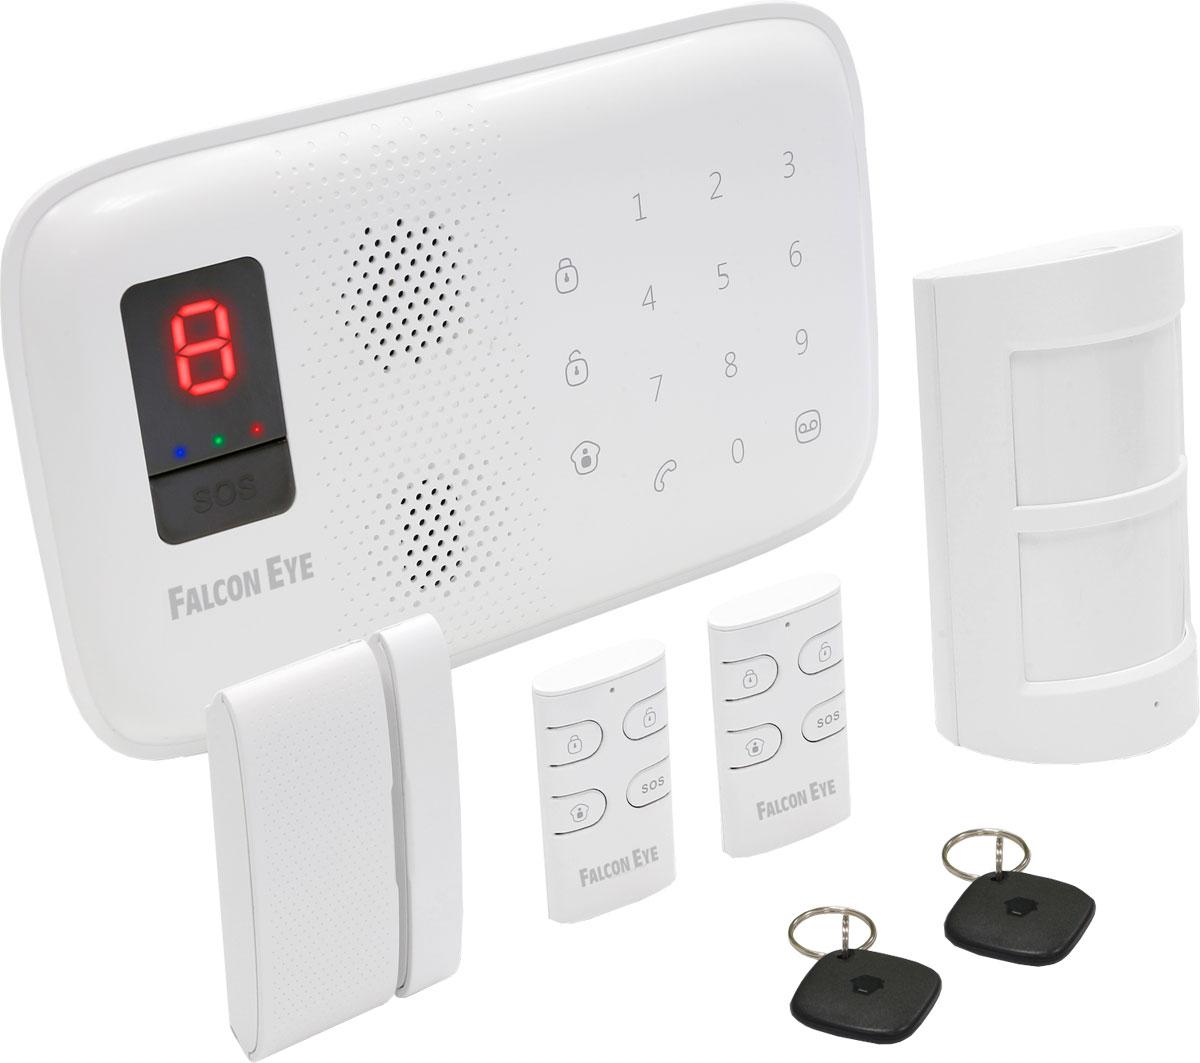 Falcon Eye FE MagicTouch комплект беспроводной GSM-сигнализацииFE MagicTouch КомплектКомплект беспроводной GSM сигнализации Falcon Eye Magic Touch отлично подойдет для квартиры, офиса и дачи. В стартовый комплект входит: контрольная панель со встроенной сиреной, считывателем RFID меток, ИК датчик движения, дверной магнитоконтакт, два брелока для дистанционного управления системой, две RFID метки. Все устройства уже запрограммированы в контрольной панели. Комплект можно расширить, приобретя дополнительно ИК датчики, магнитоконтакты, брелоки, и дополнительную сирену. До 50 беспроводных датчиков До 10 пультов дистанционного управления До 50 RFID карт пользователей GSM коммуникатор нового поколения с повышенным классом передачи данных Постановка или снятие системы с охраны путем отправки SMS, телефонным звонком или с помощью брелока Передача тревожных сообщений на 5 телефонных номеров 1 номер быстрого набора SMS предупреждение о потере питания, восстановления питания и низком заряде батареи Функция управления...